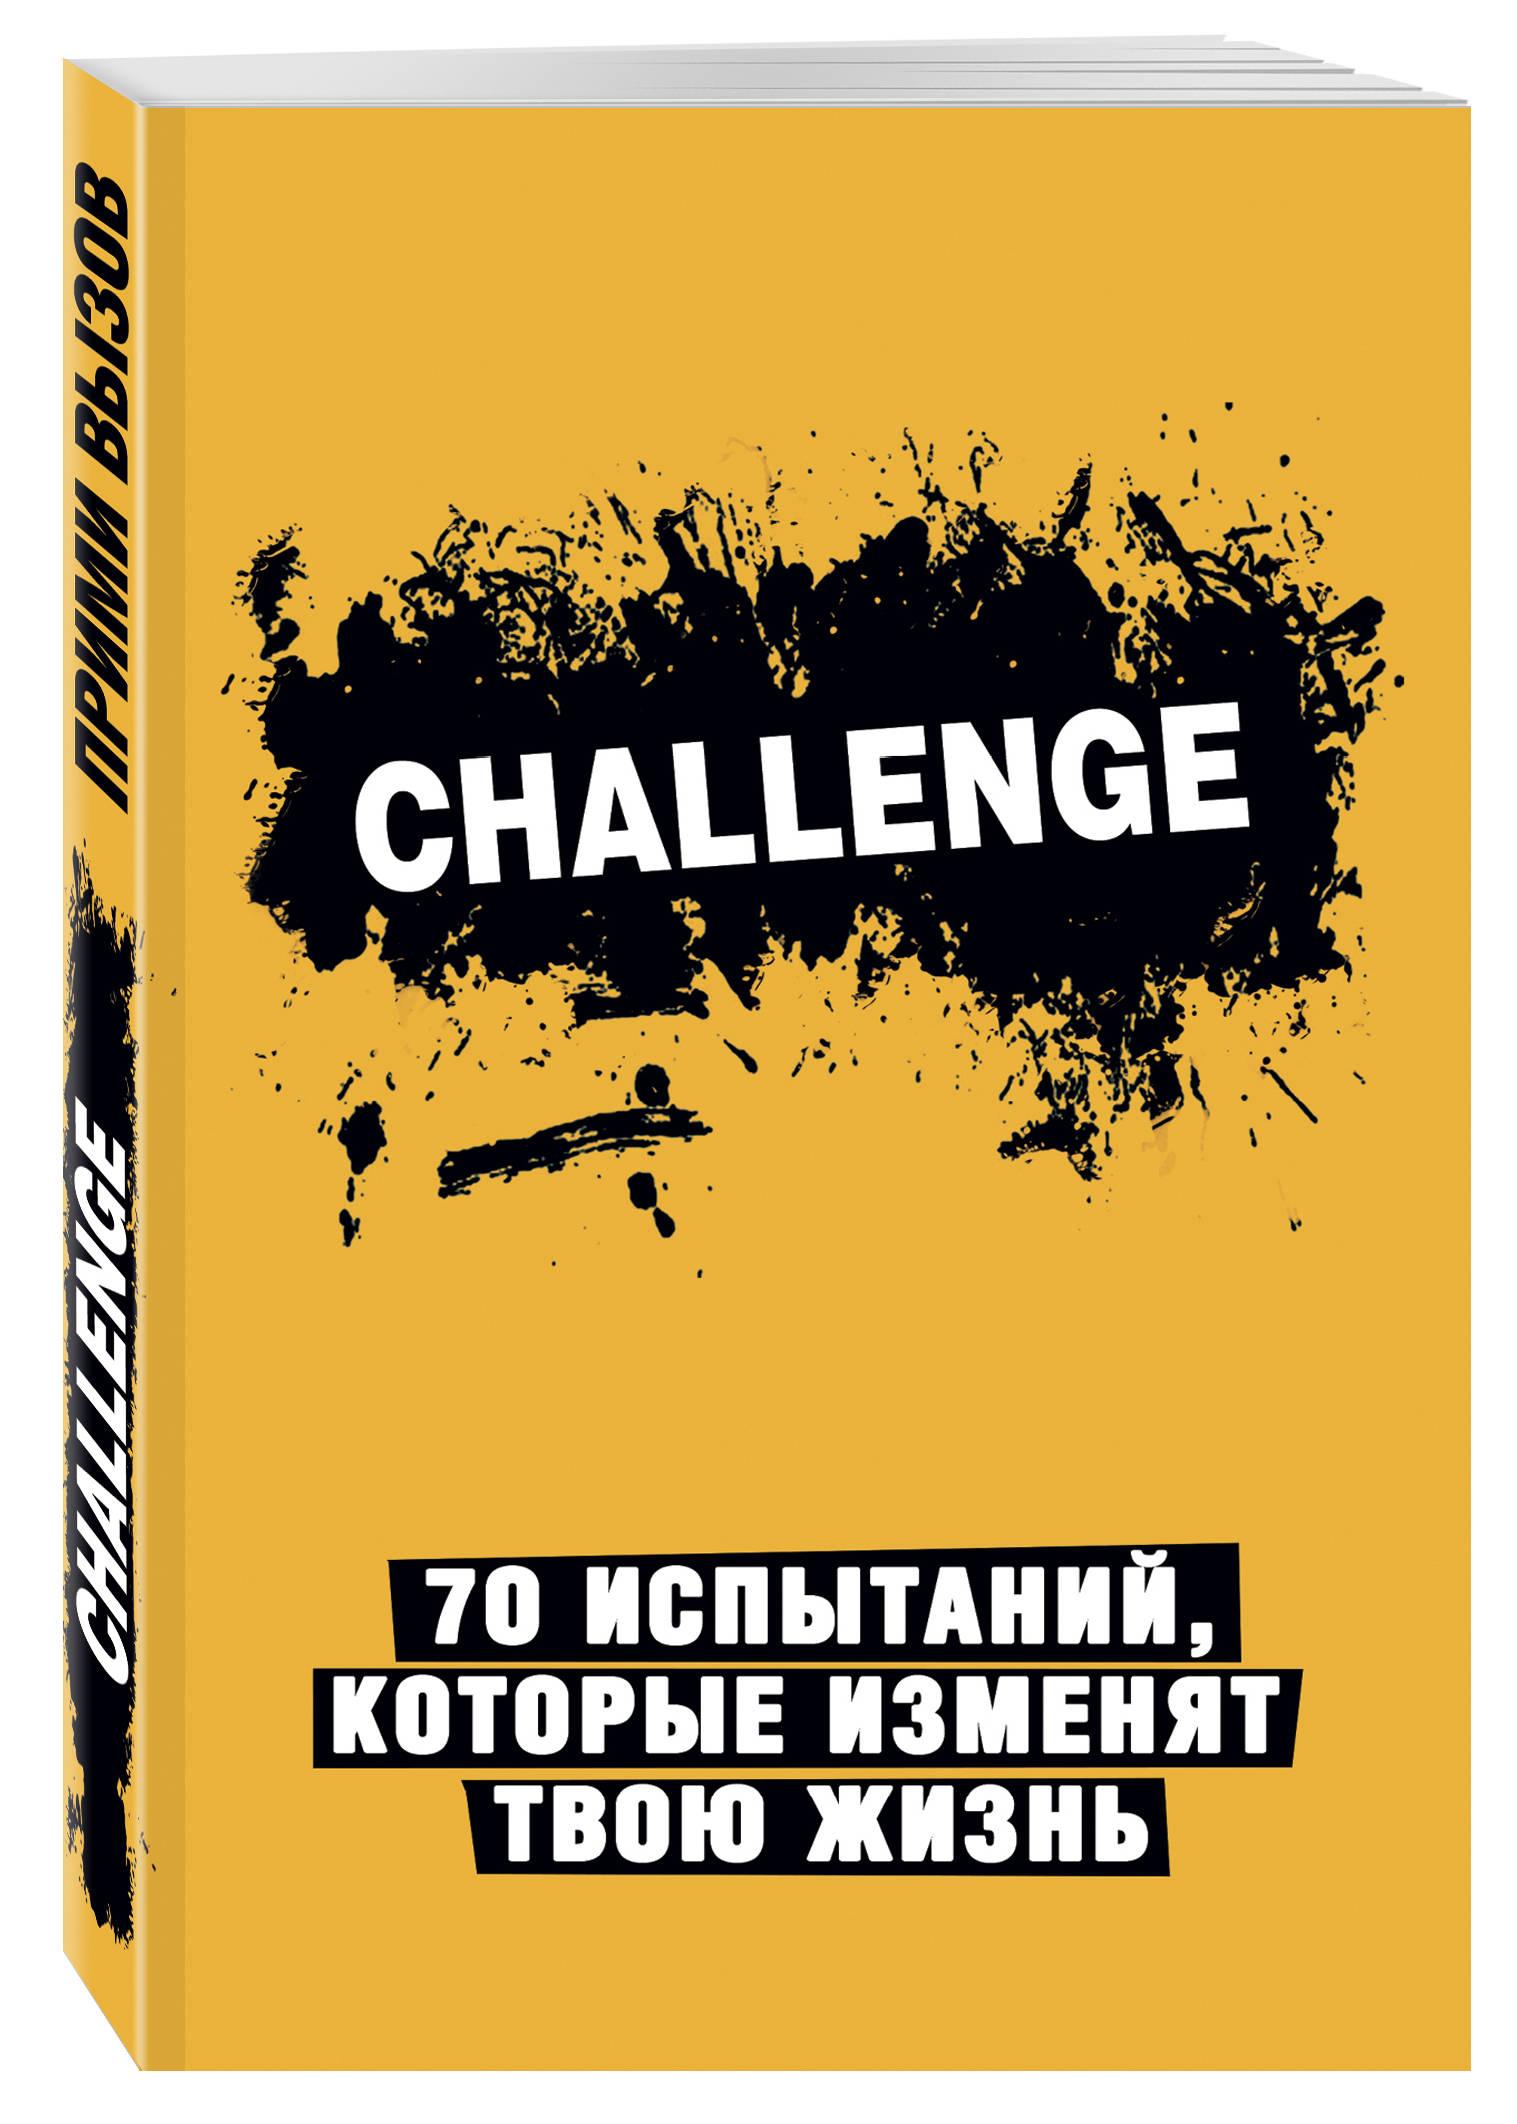 Challenge. 70 испытаний, которые изменят твою жизнь (желтый) от book24.ru